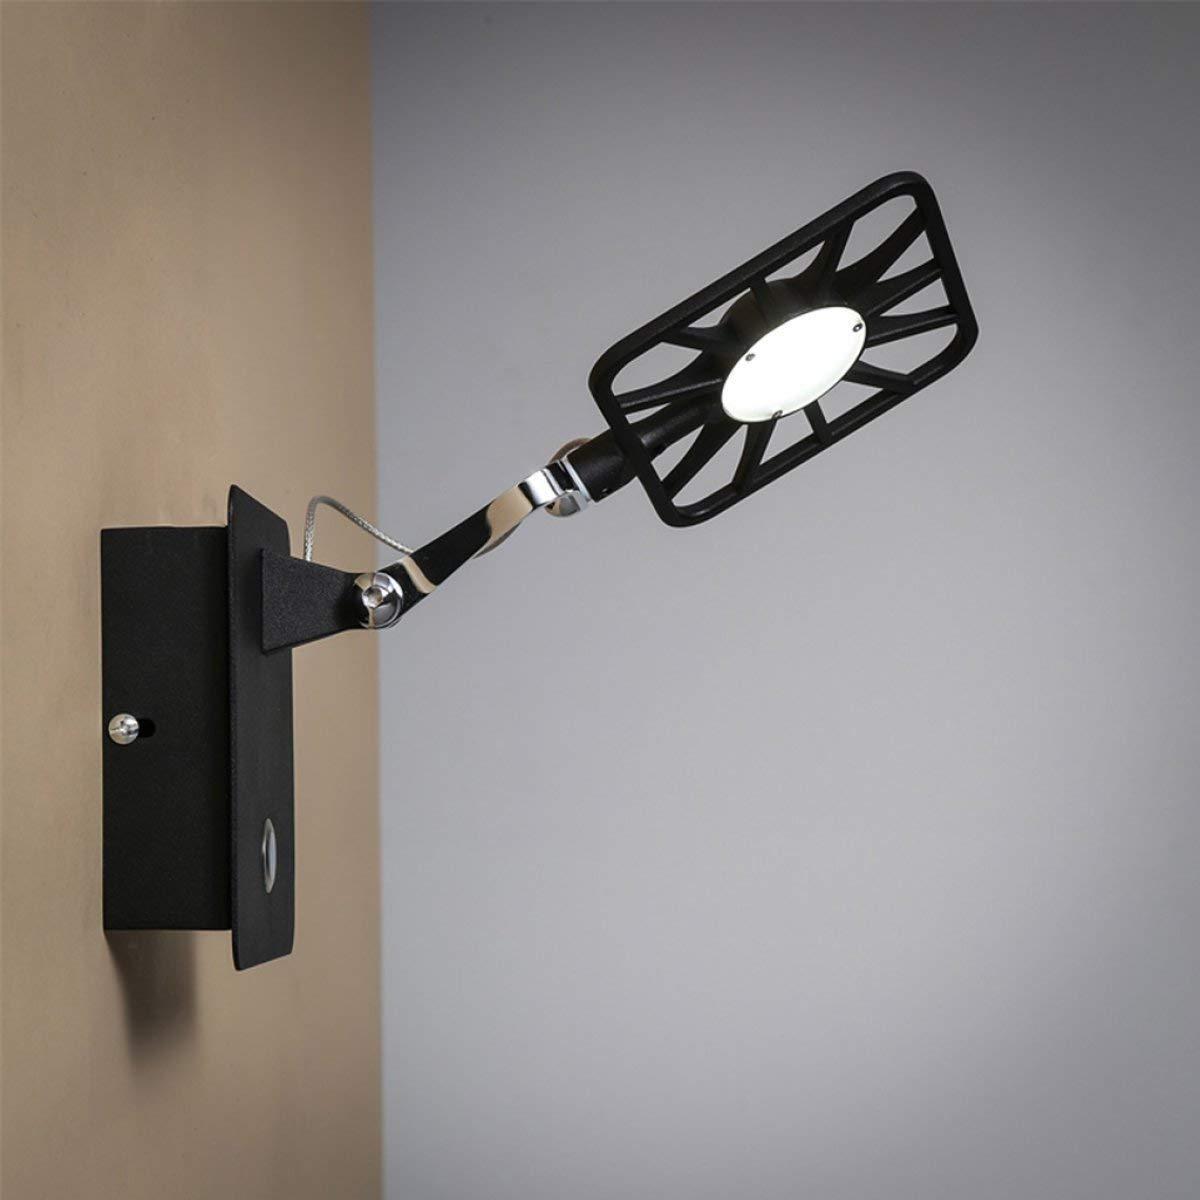 BXJ ウォールライト現代のシンプルな照明クリエイティブアイアン調整可能な壁ランプパーソナライズ研究寝室のリビングルームの壁ランプウォールランプ B07R9LP1GD